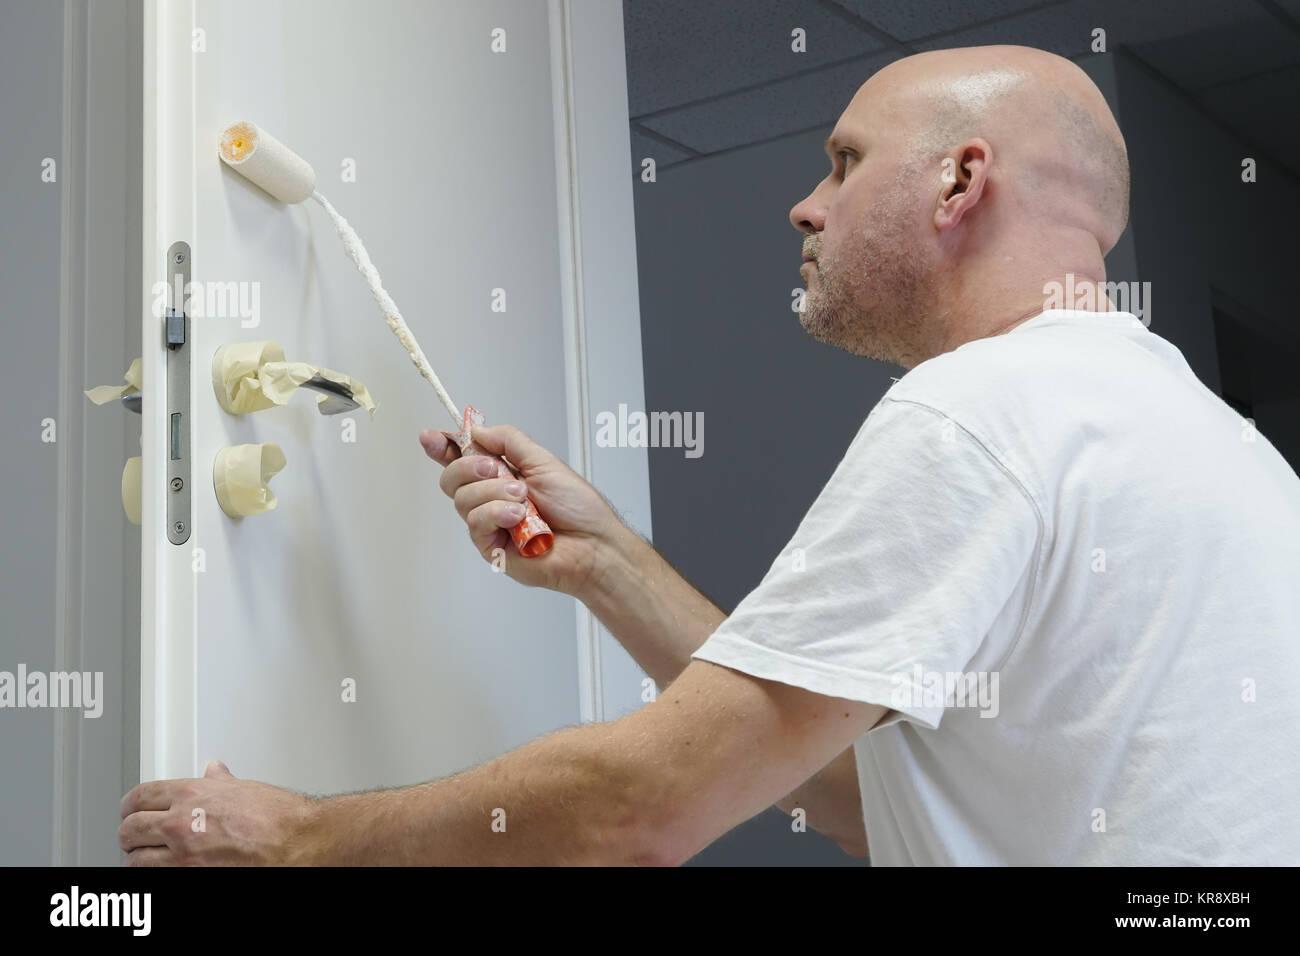 Los artesanos en la pintura de una puerta en un edificio de oficinas Imagen De Stock